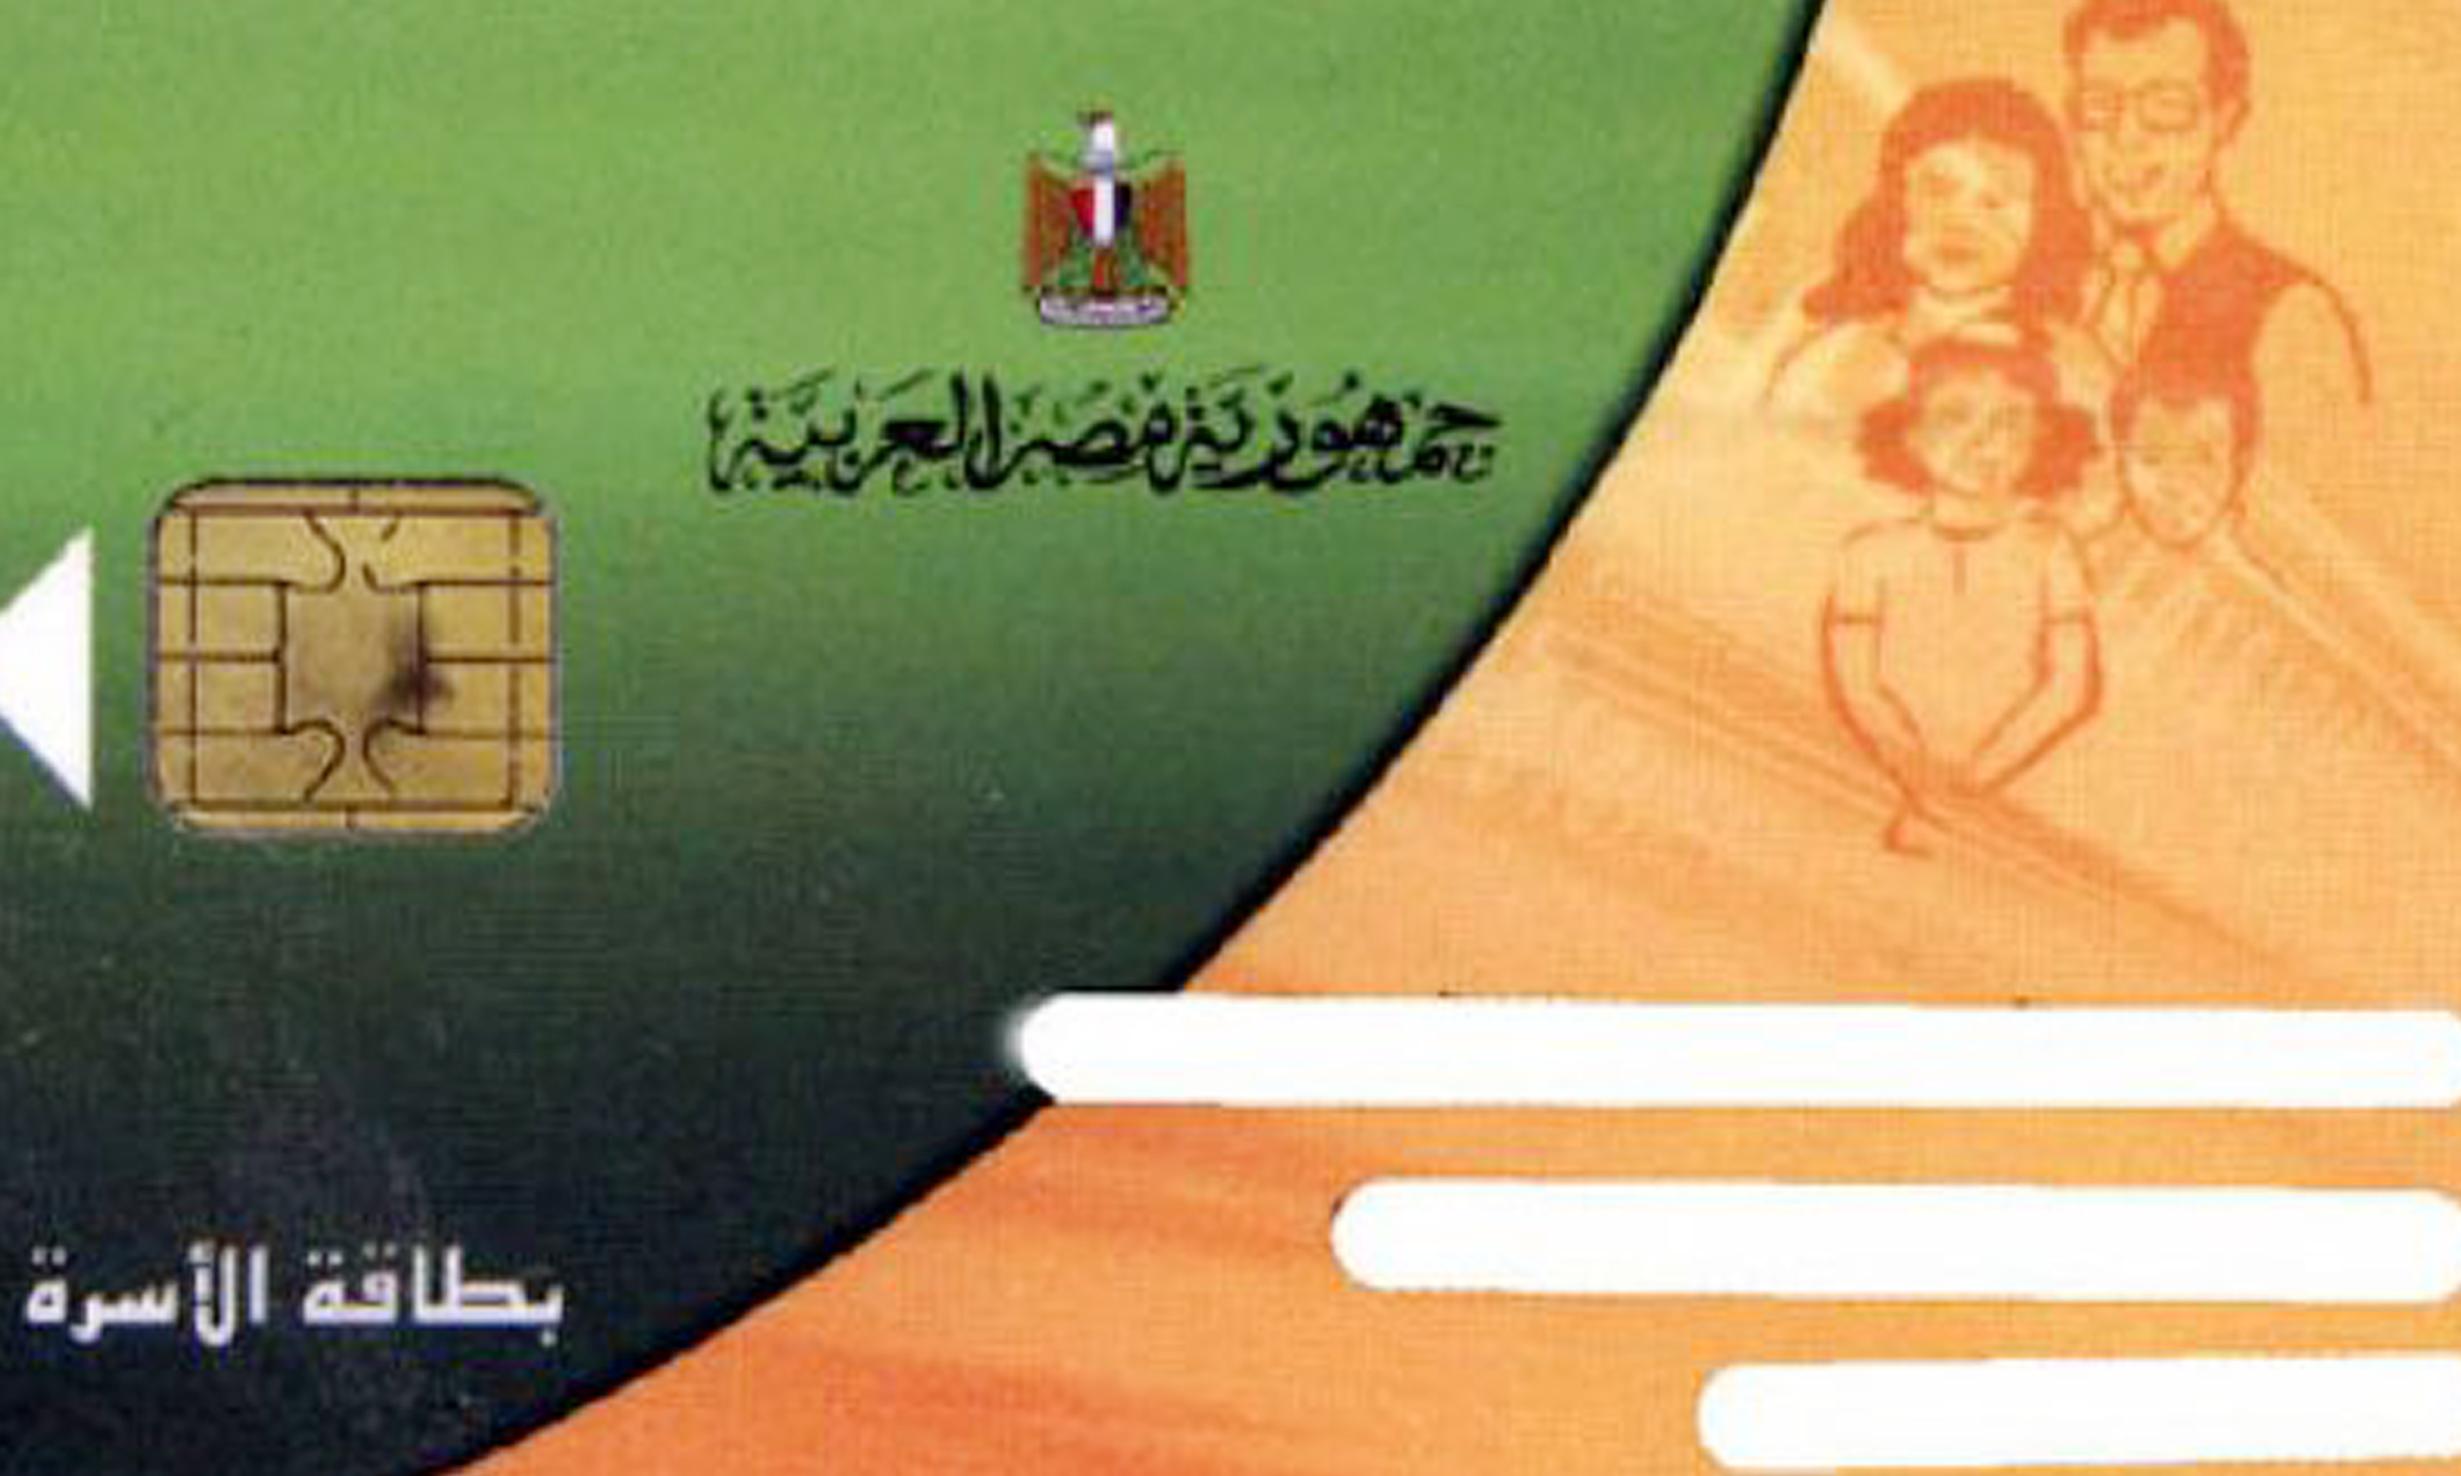 موعد إضافة المواليد الجدد وخطوات تحديث بطاقة التموين الذكية